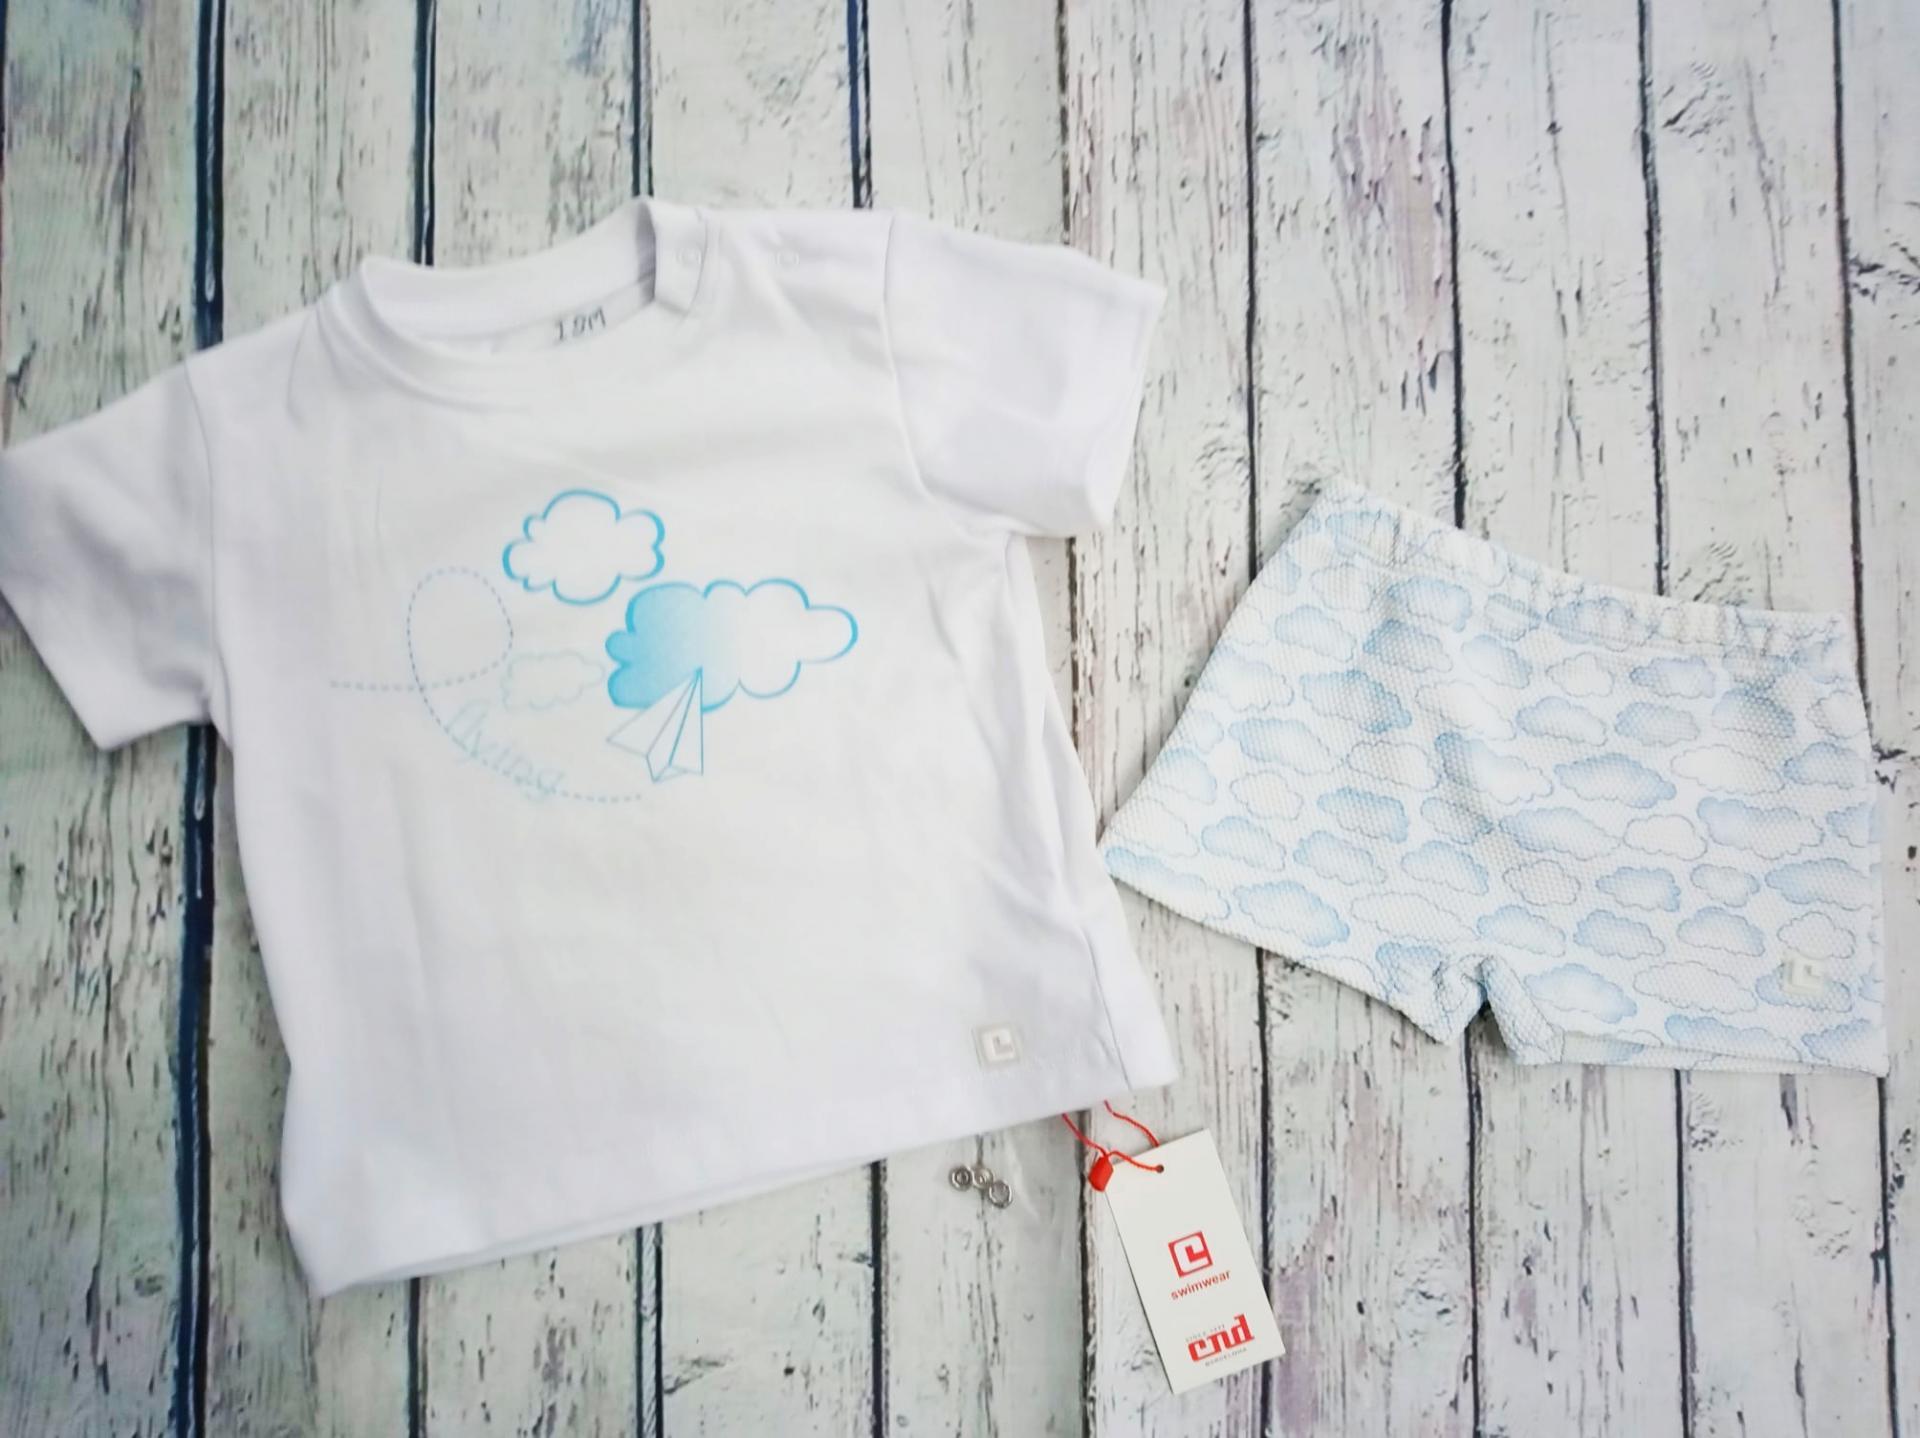 Conjunto de Camiseta con bañador de niño Nubes de Condor.